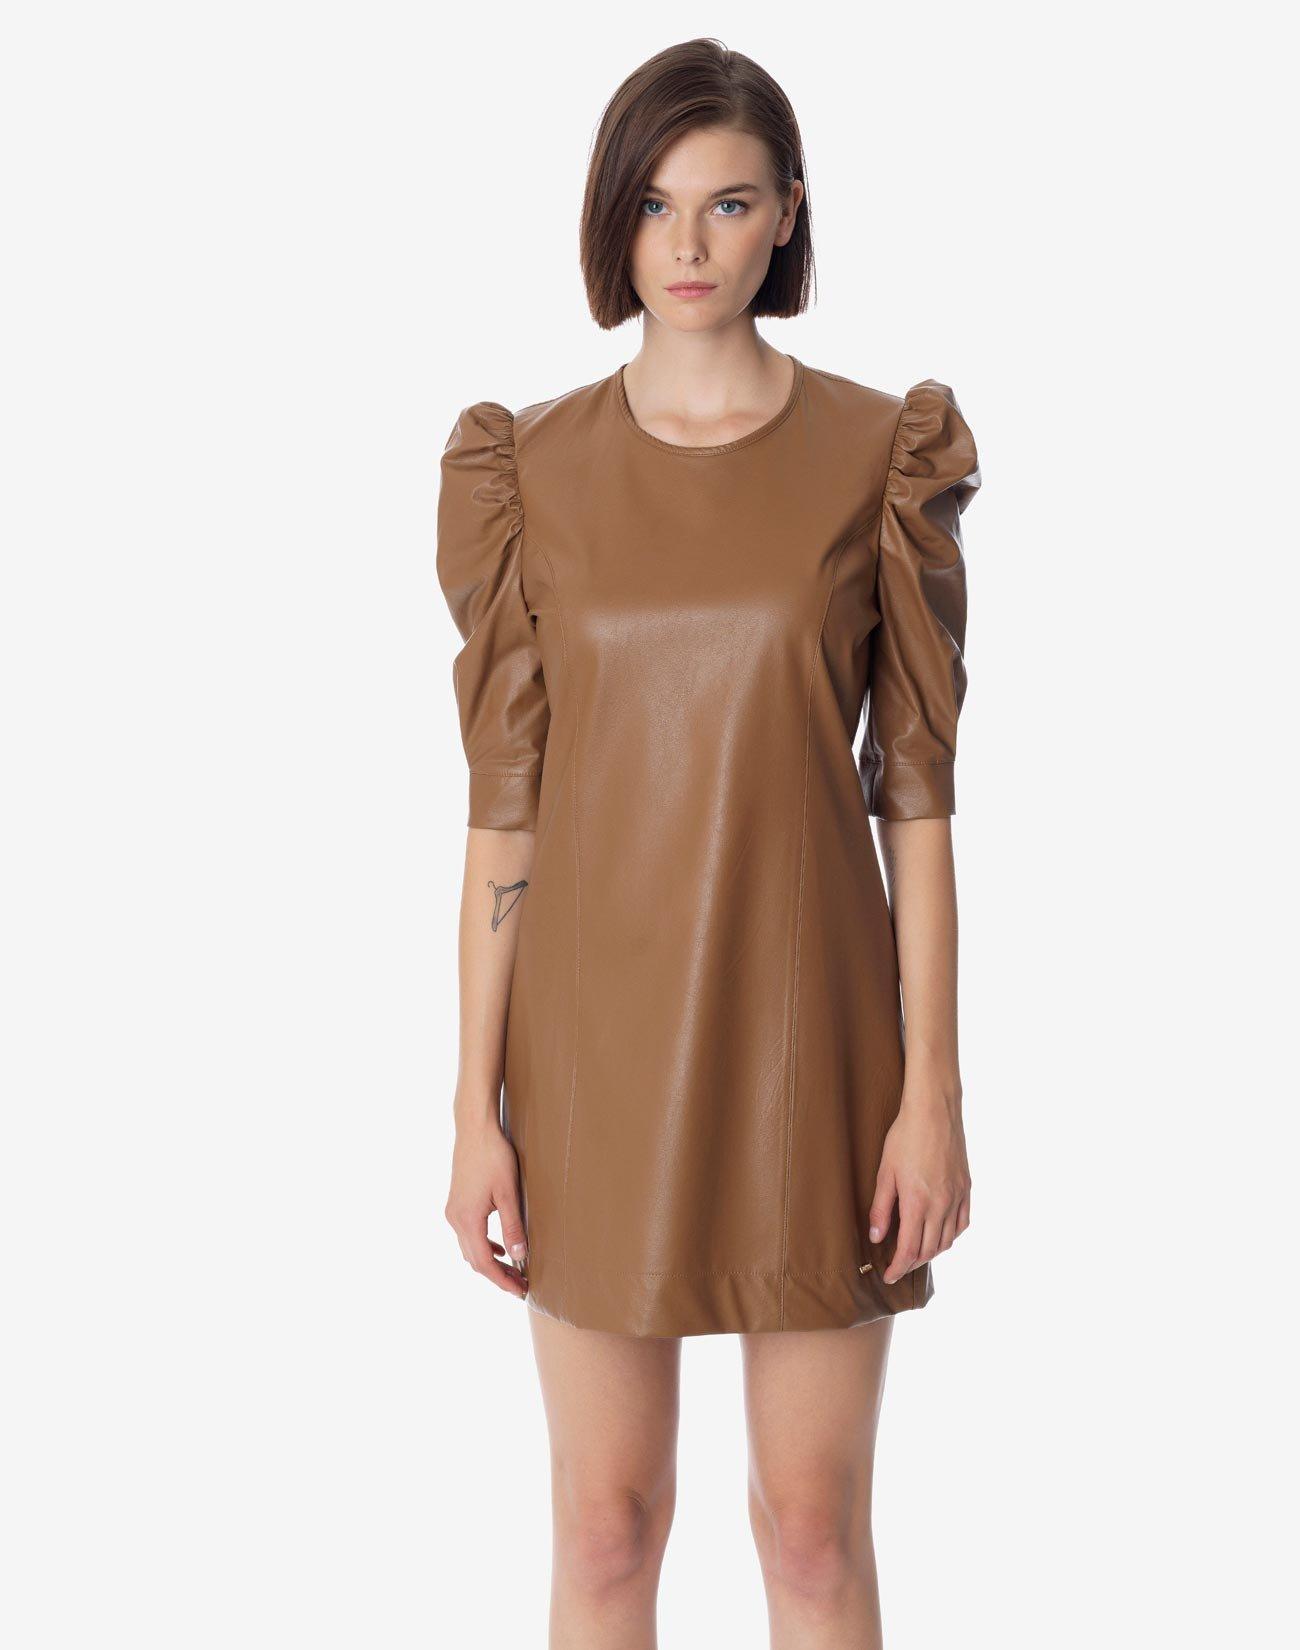 Μίνι φόρεμα δερματίνης